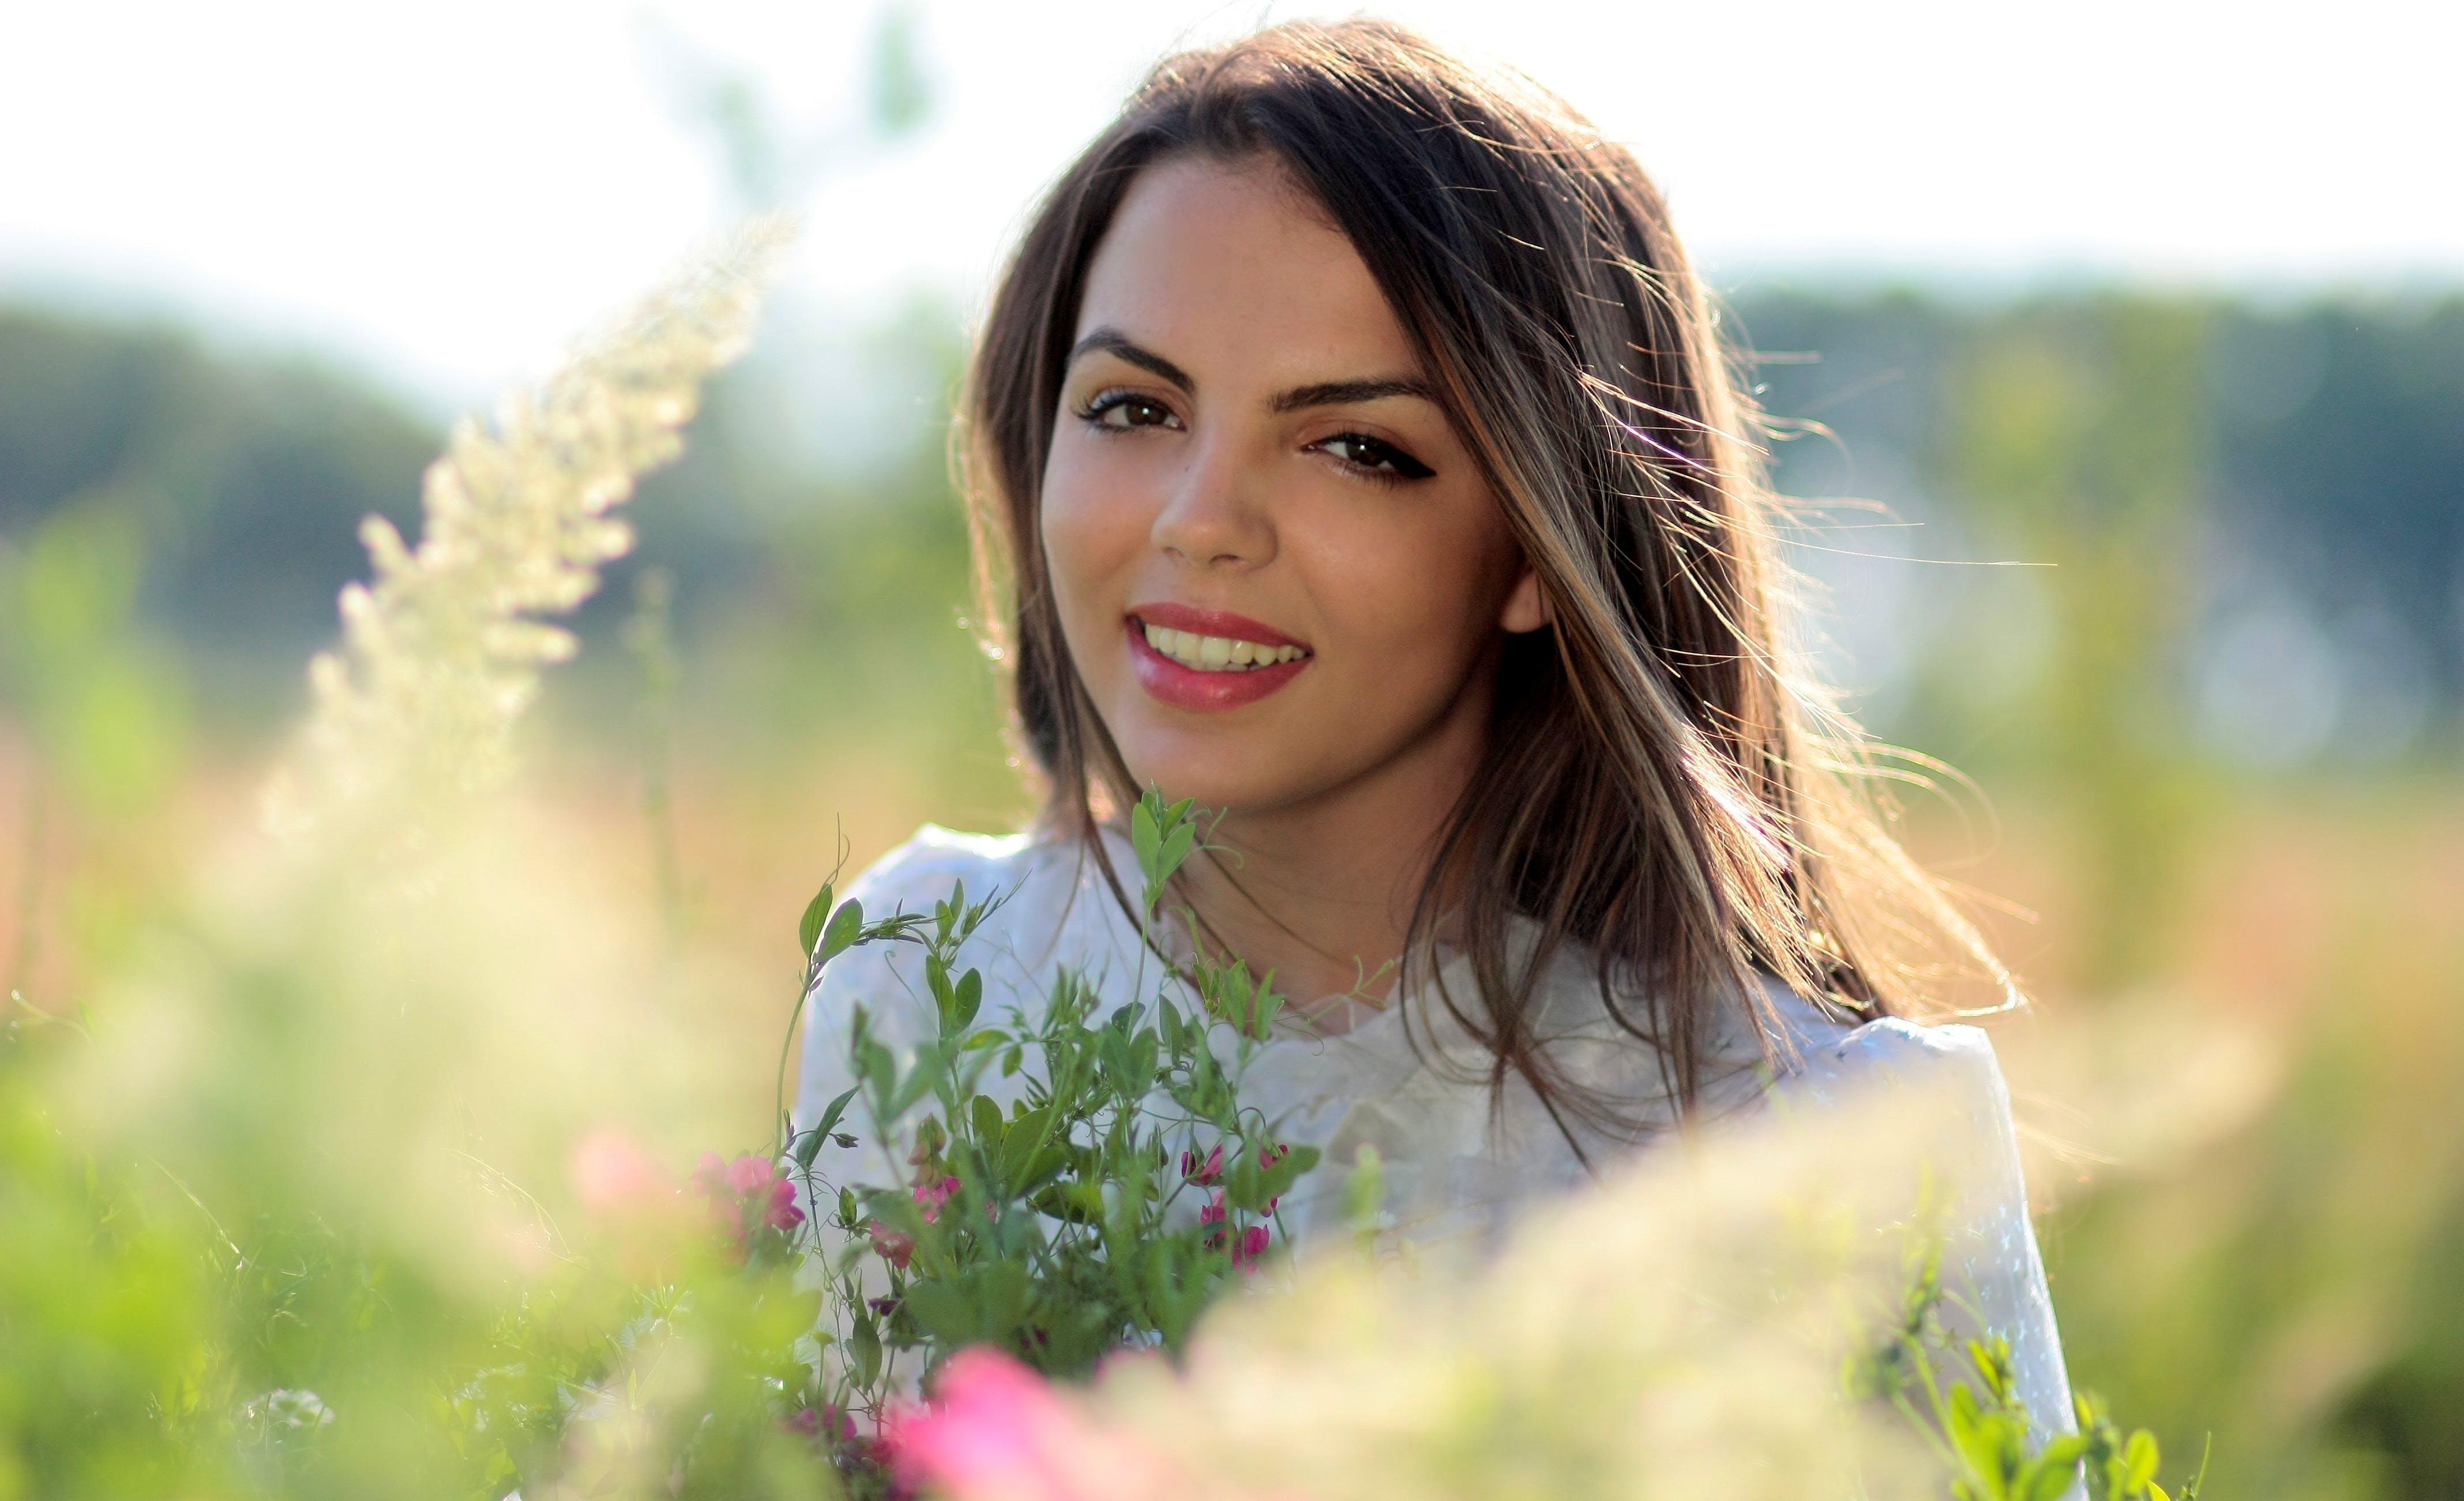 Gratis lagerfoto af blomster, kraftværker, kvinde, model